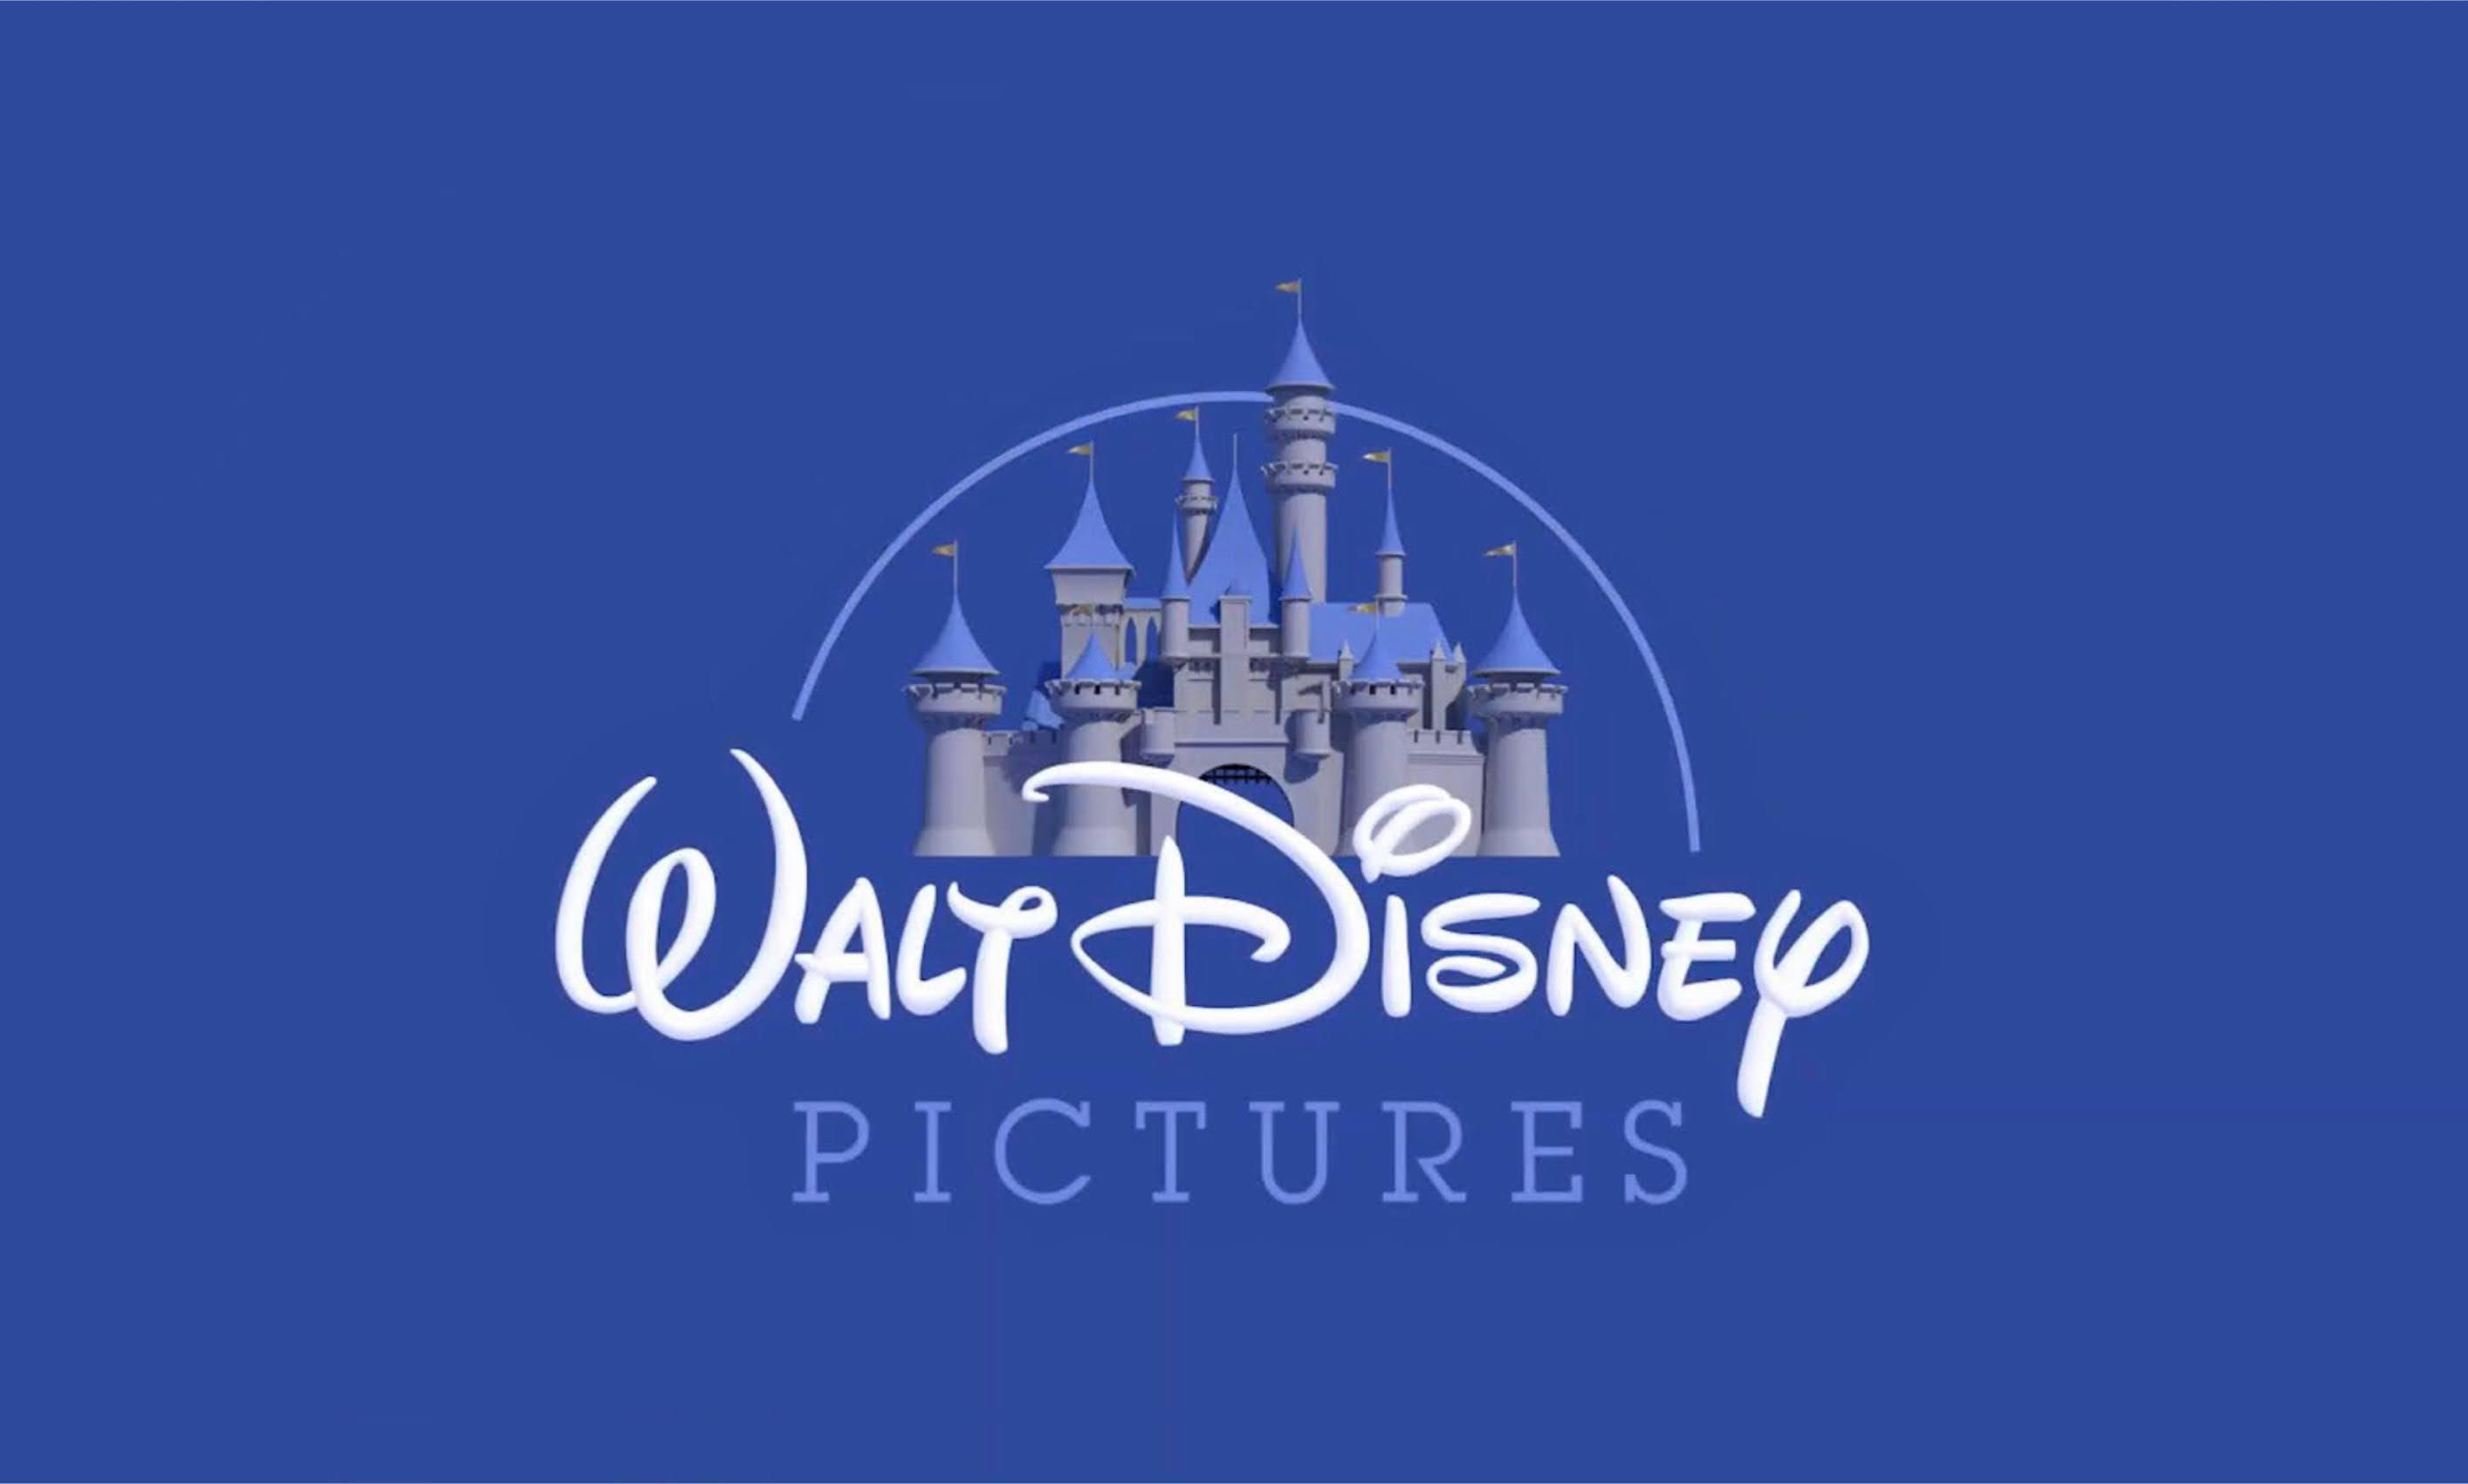 Walt Disney Pixar Logo